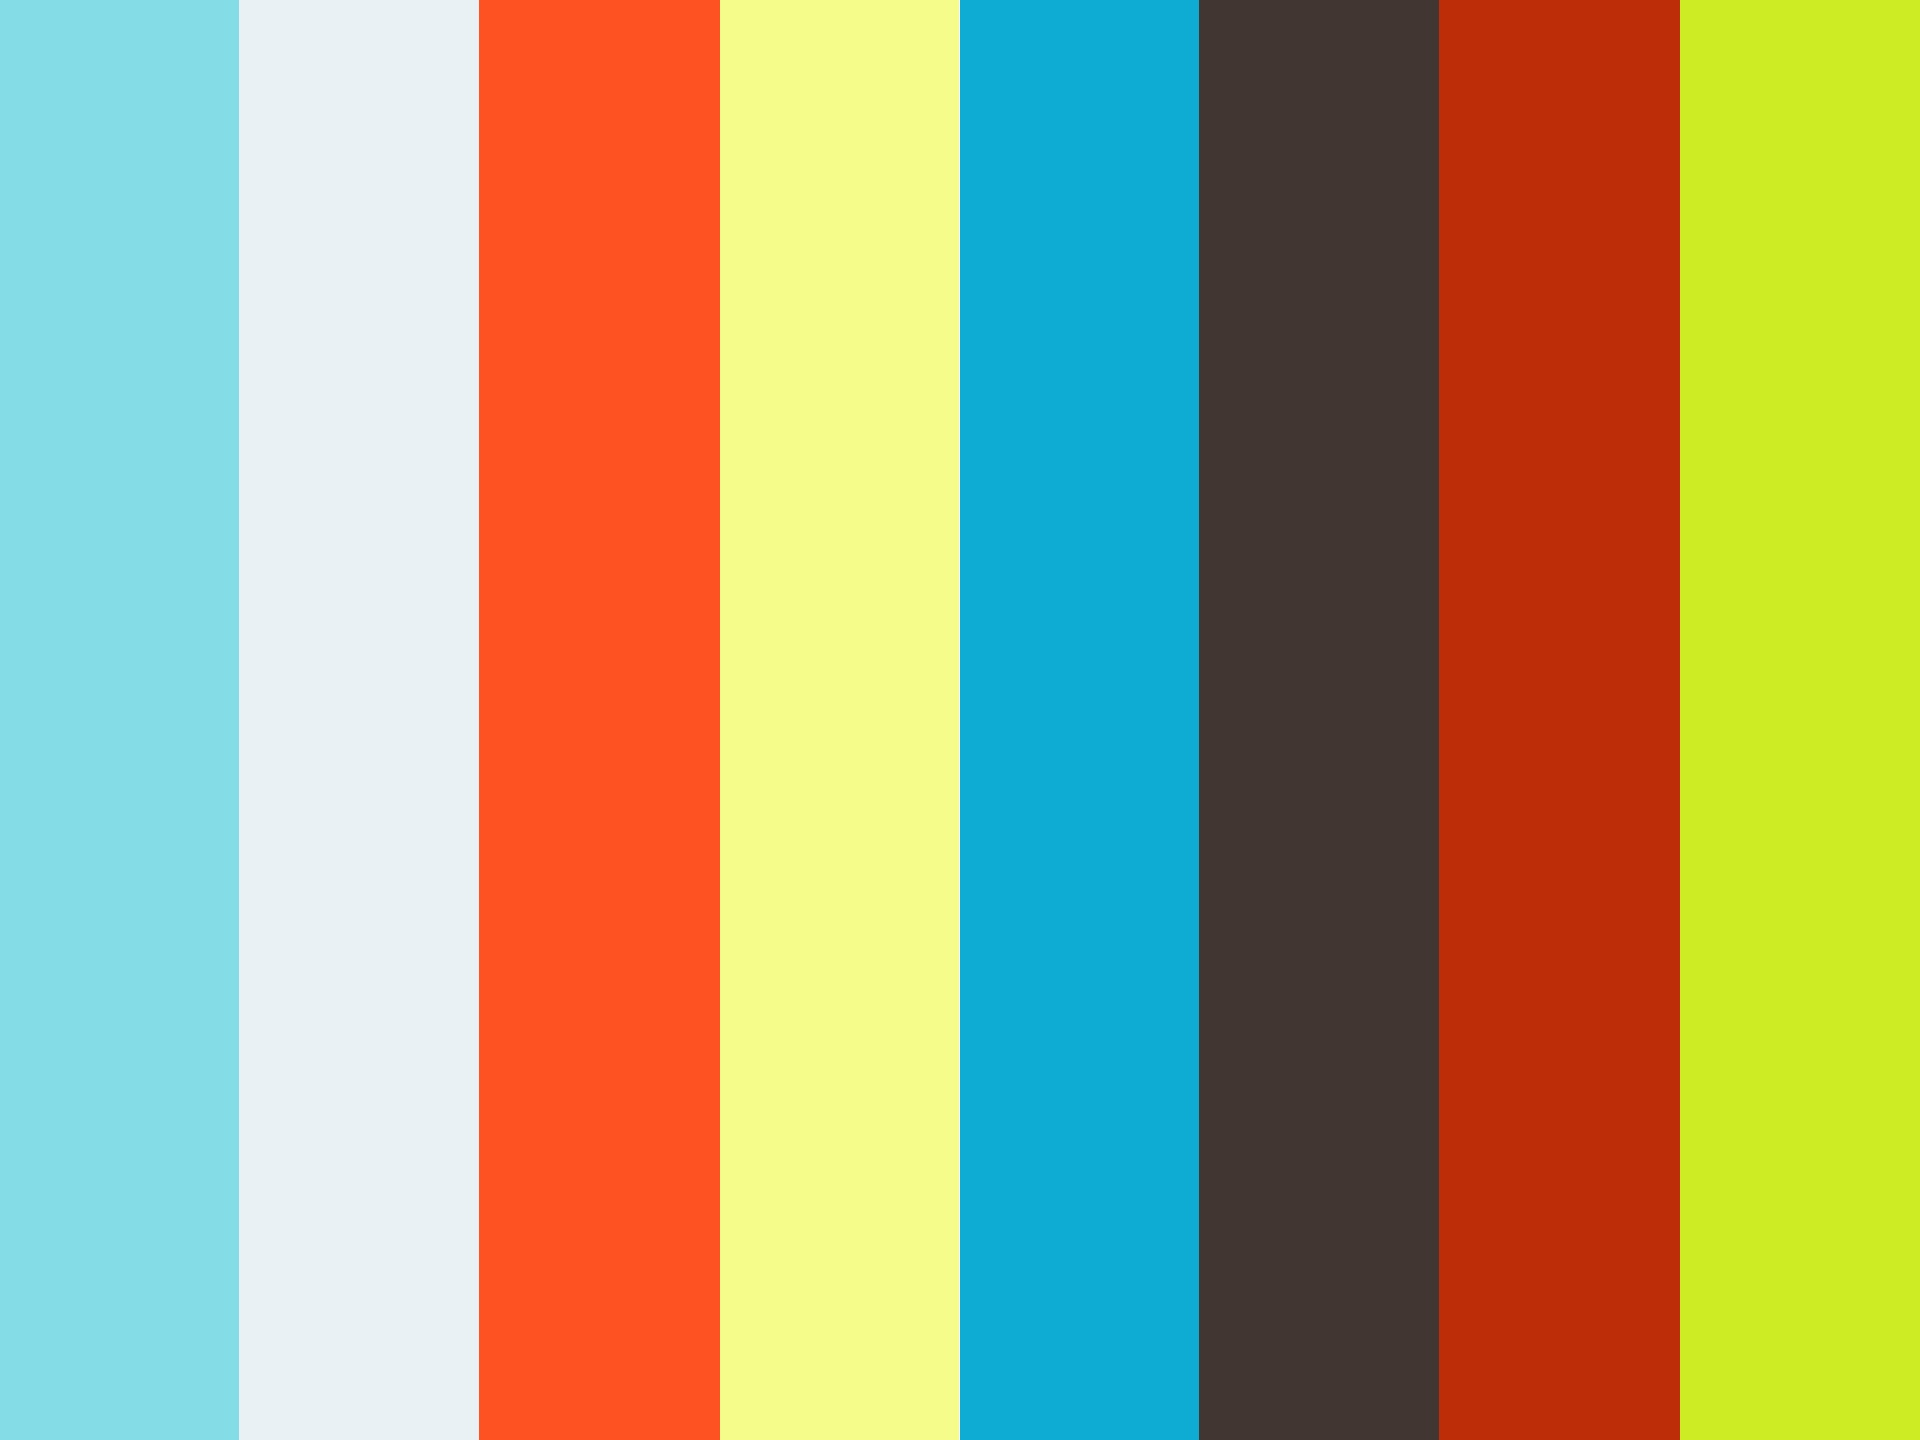 zoran korach biozoran korach wiki, zoran korach nationality, zoran korach instagram, zoran korach, zoran korach biography, зоран корач, zoran korach height, zoran korach true blood, зоран корач википедия, зоран корач рост, зоран корач биография, zoran korach sam and cat, зоран корач возраст, zoran korach bio, zoran korach interview, zoran korach age, zoran korach gay, zoran korach shirtless, zoran korach girlfriend, zoran korach facebook